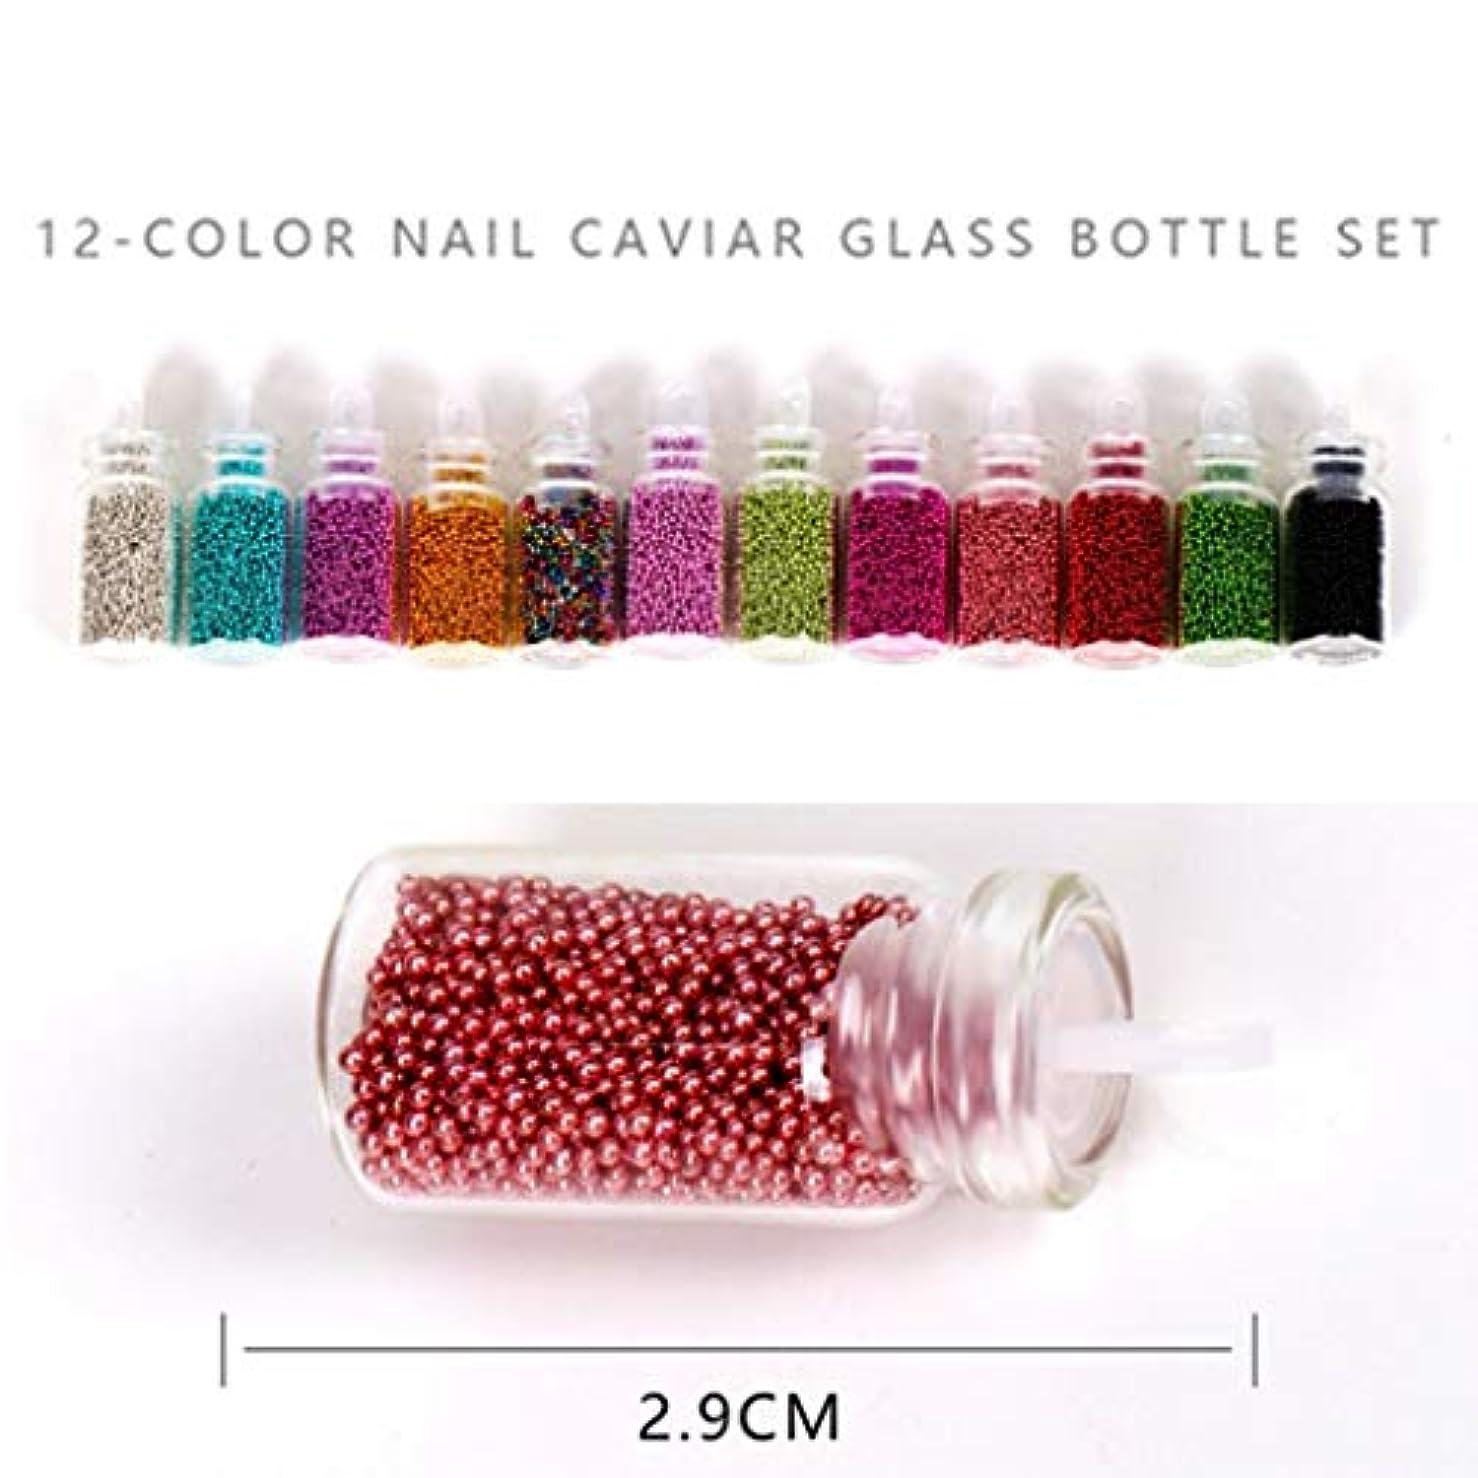 創傷座標高いWadachikis ホット販売DIYネイルスチールキャビアカラー1 mmスモールスチールボール12色混合カラーネイルアート装飾スーツ(None 12 Color Caviar Set)